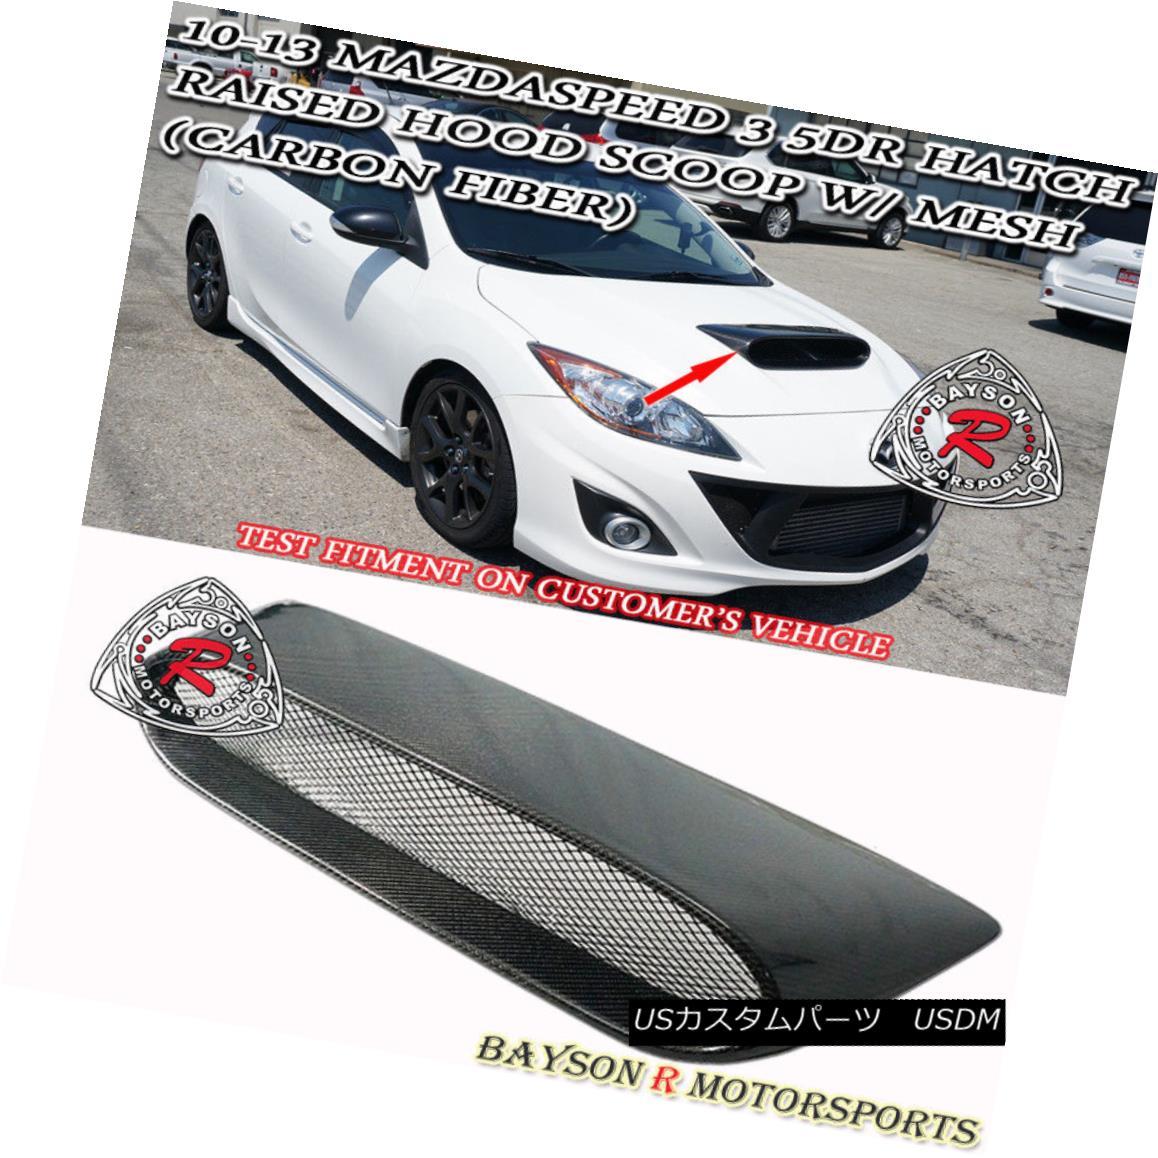 エアロパーツ Raised Hood Scoop (Carbon) w/ Mesh Fits 10-13 MazdaSpeed 3 5dr (Hatchback) メイドフィット10-13 MazdaSpeed 3 5dr(ハッチバック)付きのフードスクープ(カーボン)